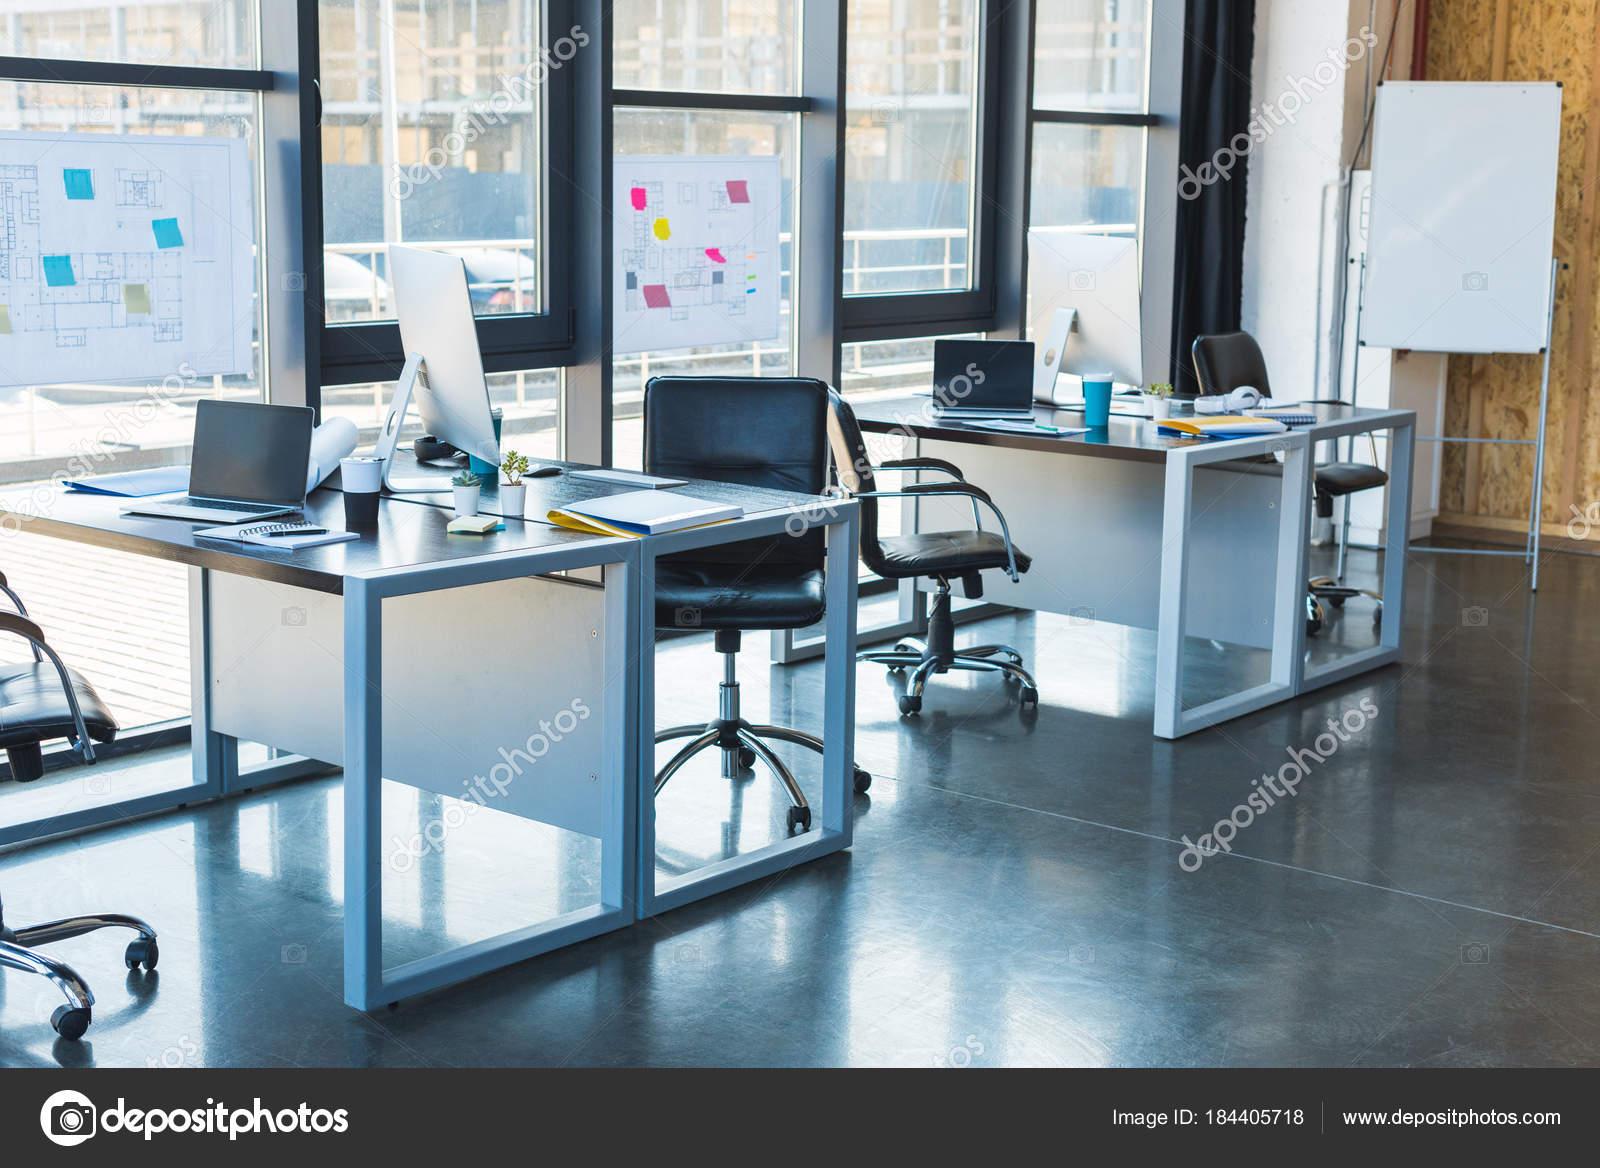 Ufficio Y : Tavoli lavoro con computer portatili ufficio u foto stock y